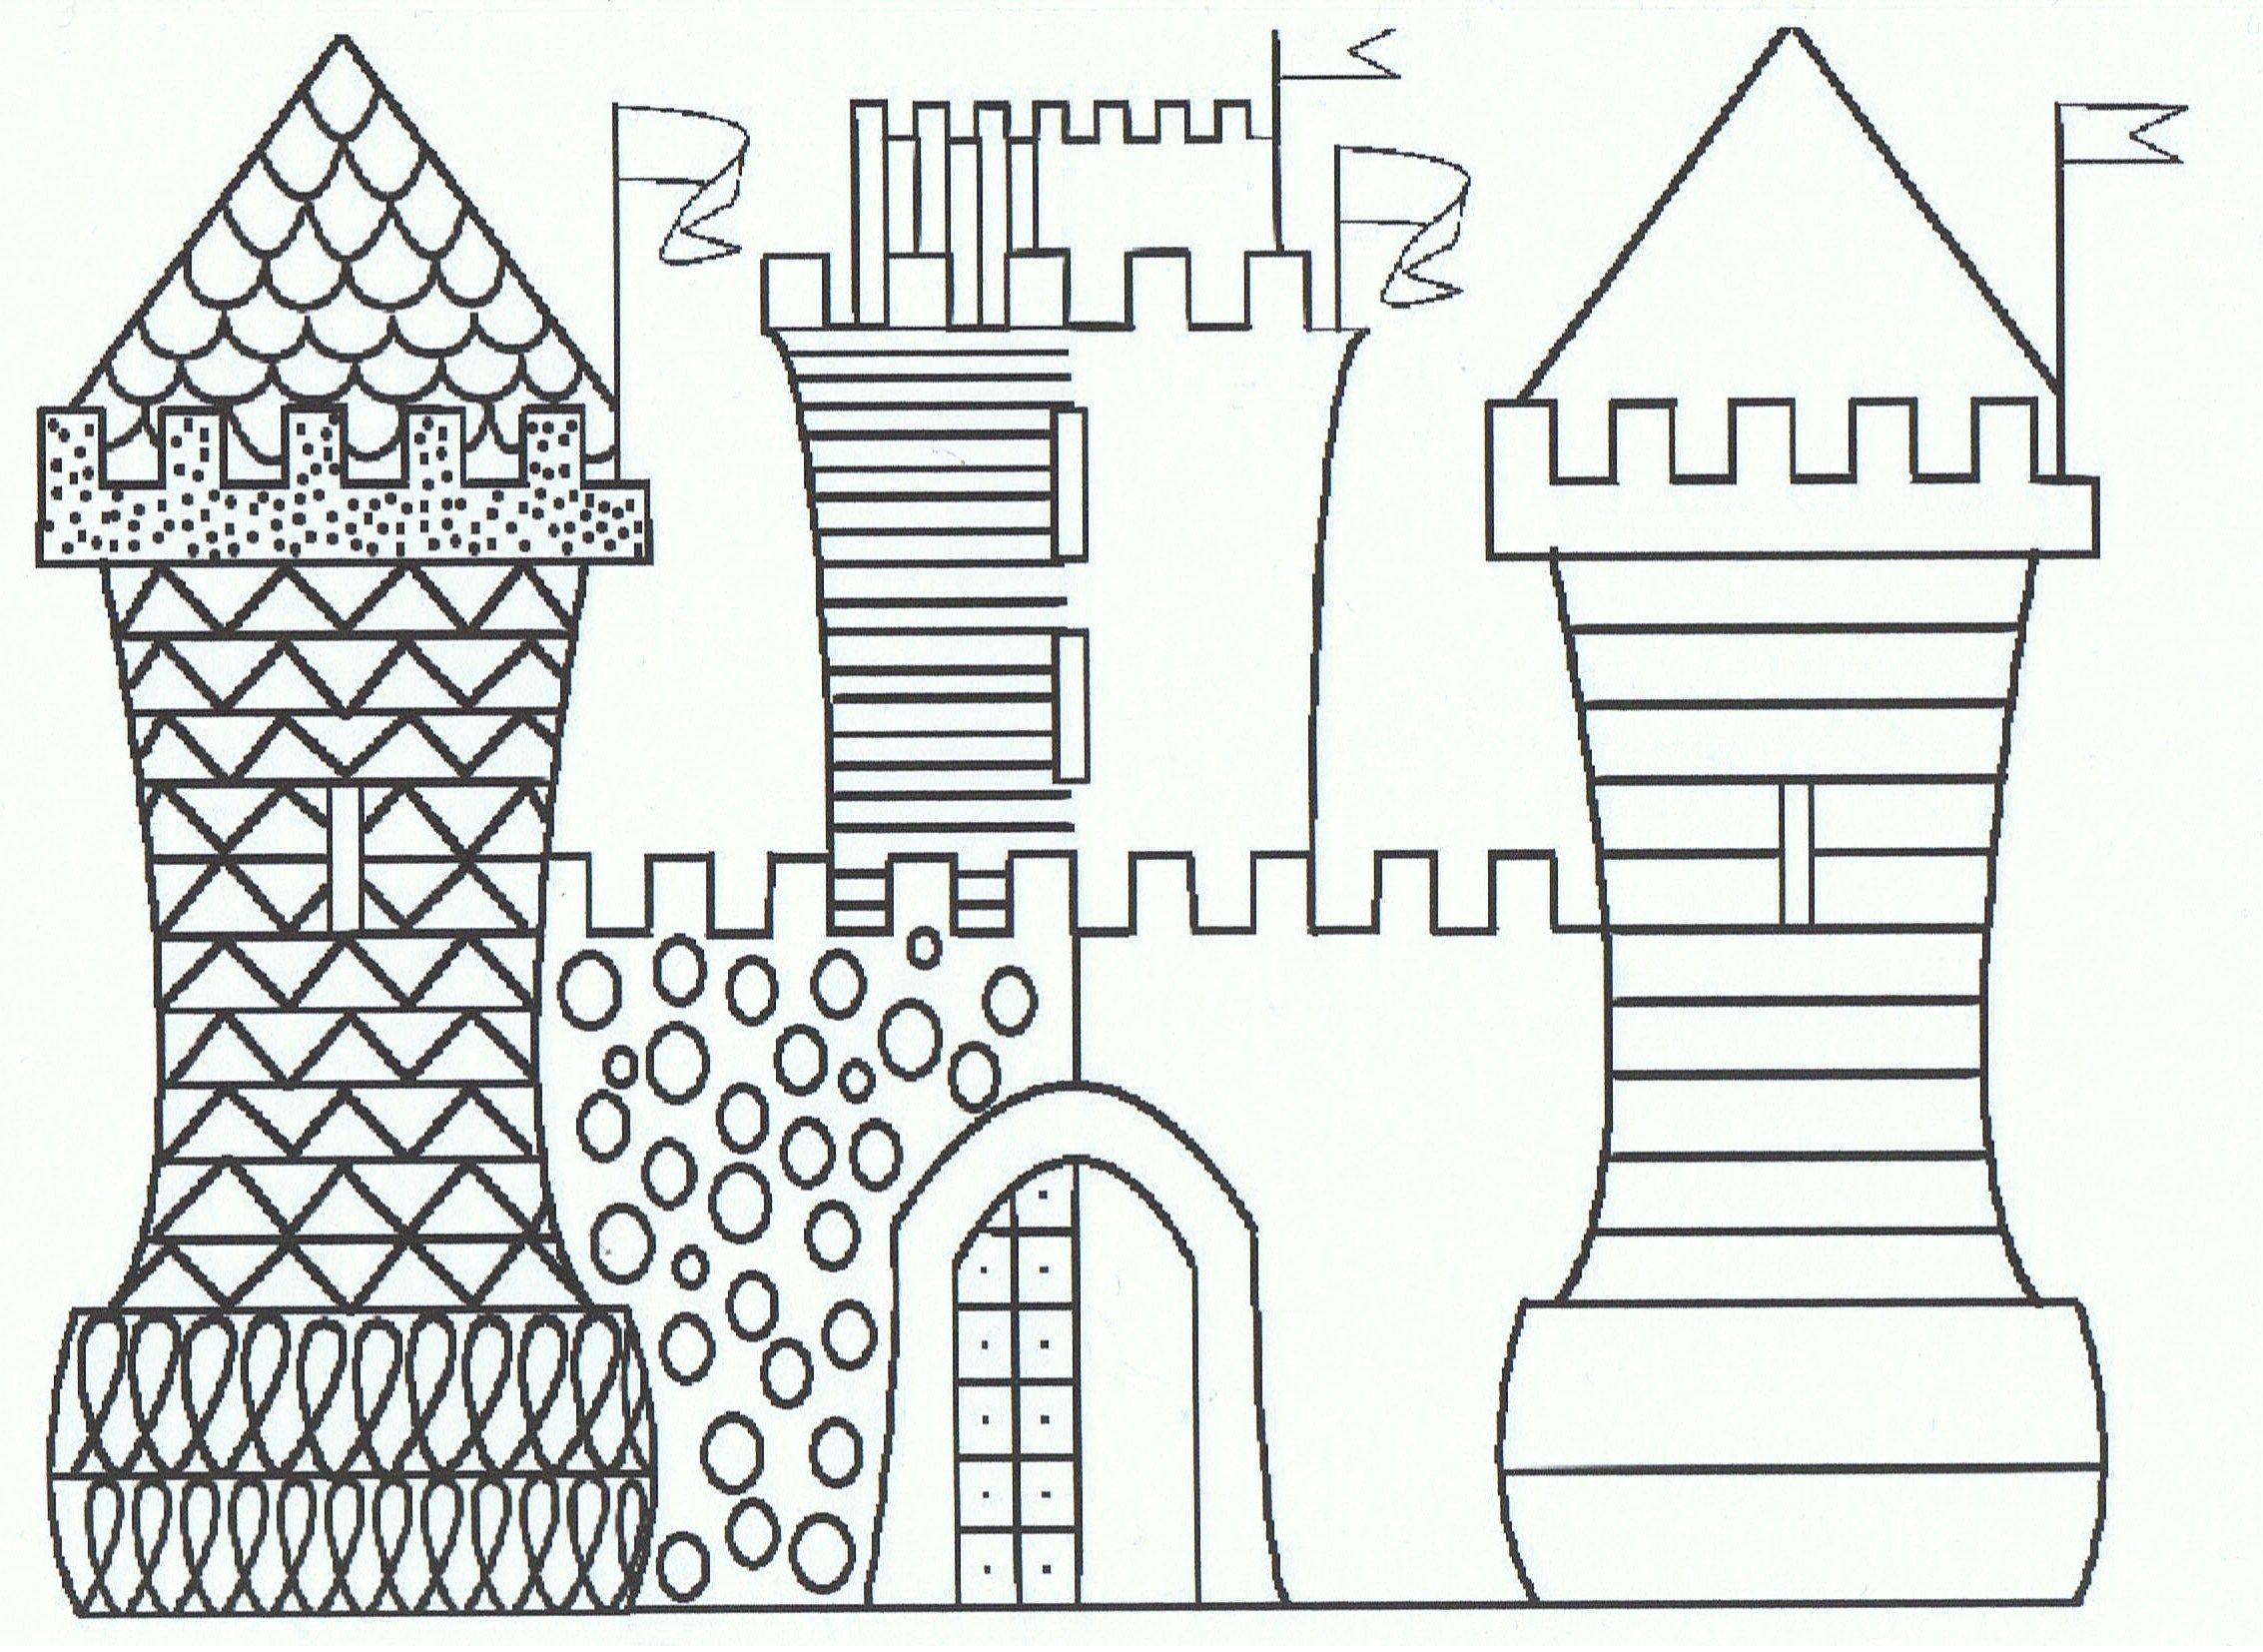 Schrijfmotoriek Maak het kasteel af met dezelfde patronen | Ridders ...